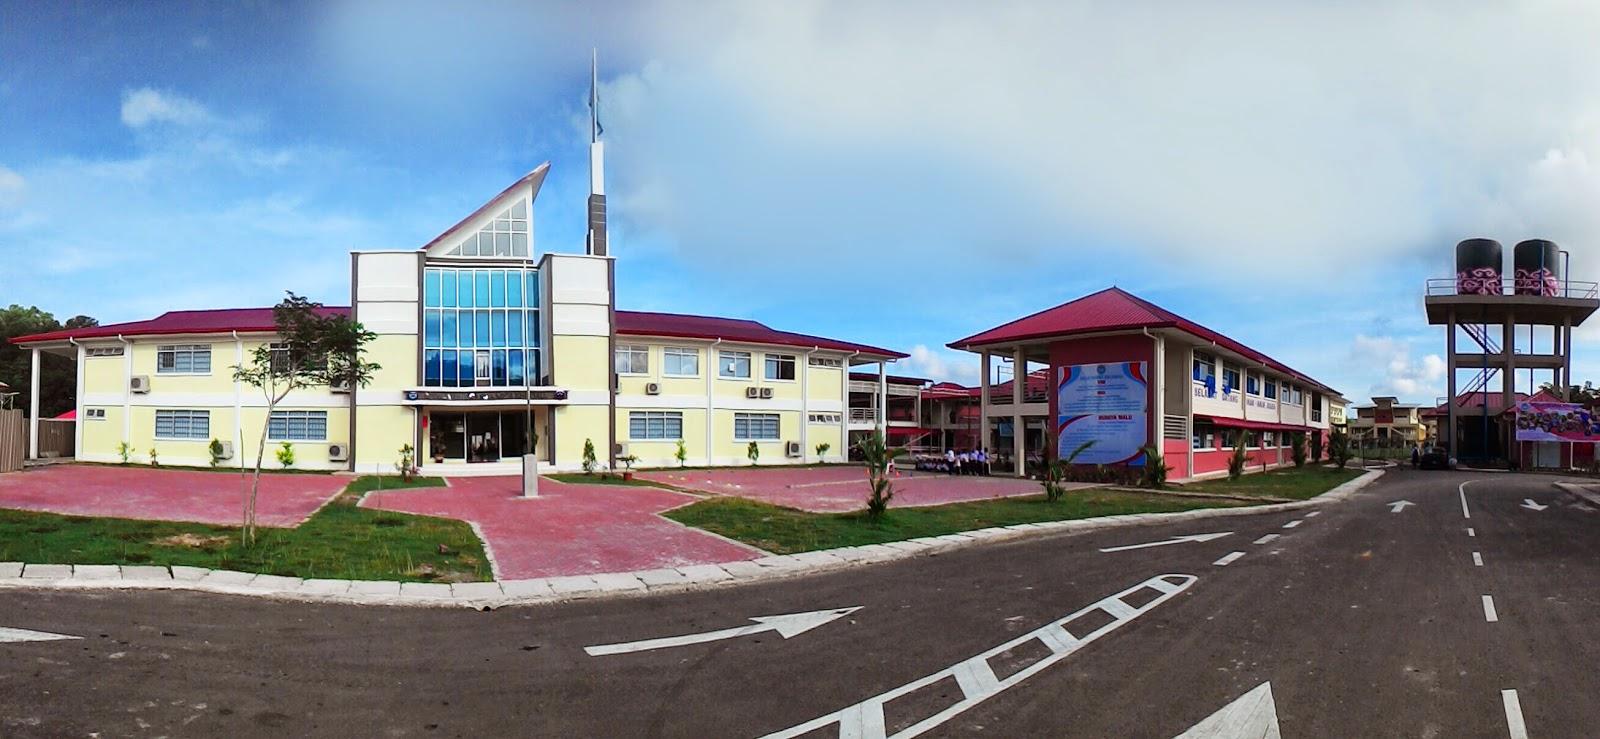 Senarai Sekolah Ppd Petaling Perdana Selangor Layanlah Berita Terkini Tips Berguna Maklumat